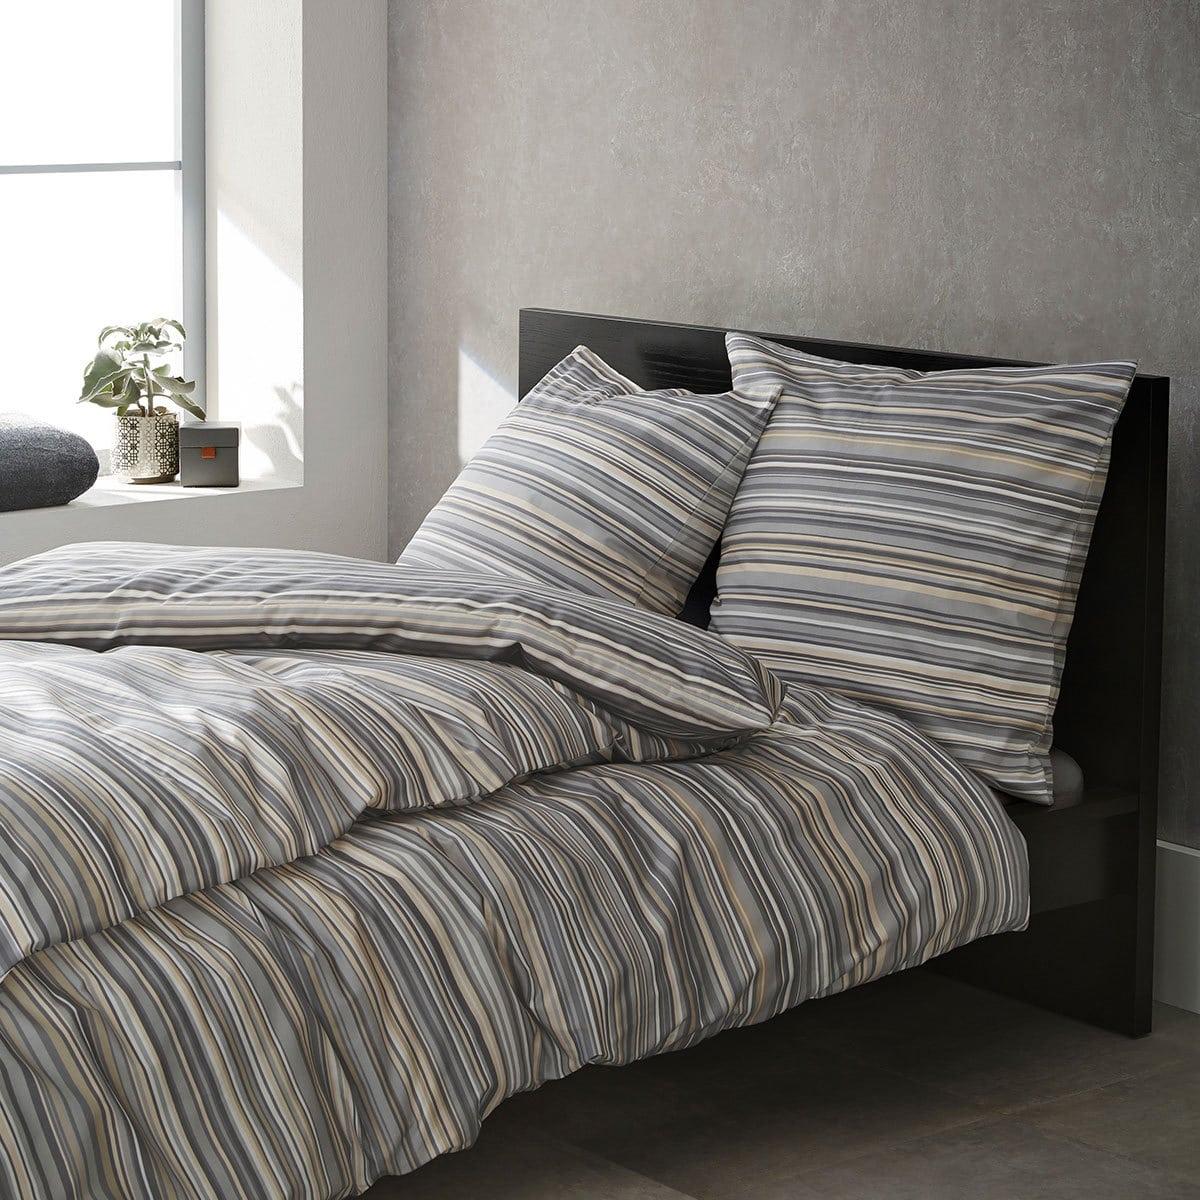 bugatti feinflanell bettw sche 6039 830 g nstig online kaufen bei bettwaren shop. Black Bedroom Furniture Sets. Home Design Ideas